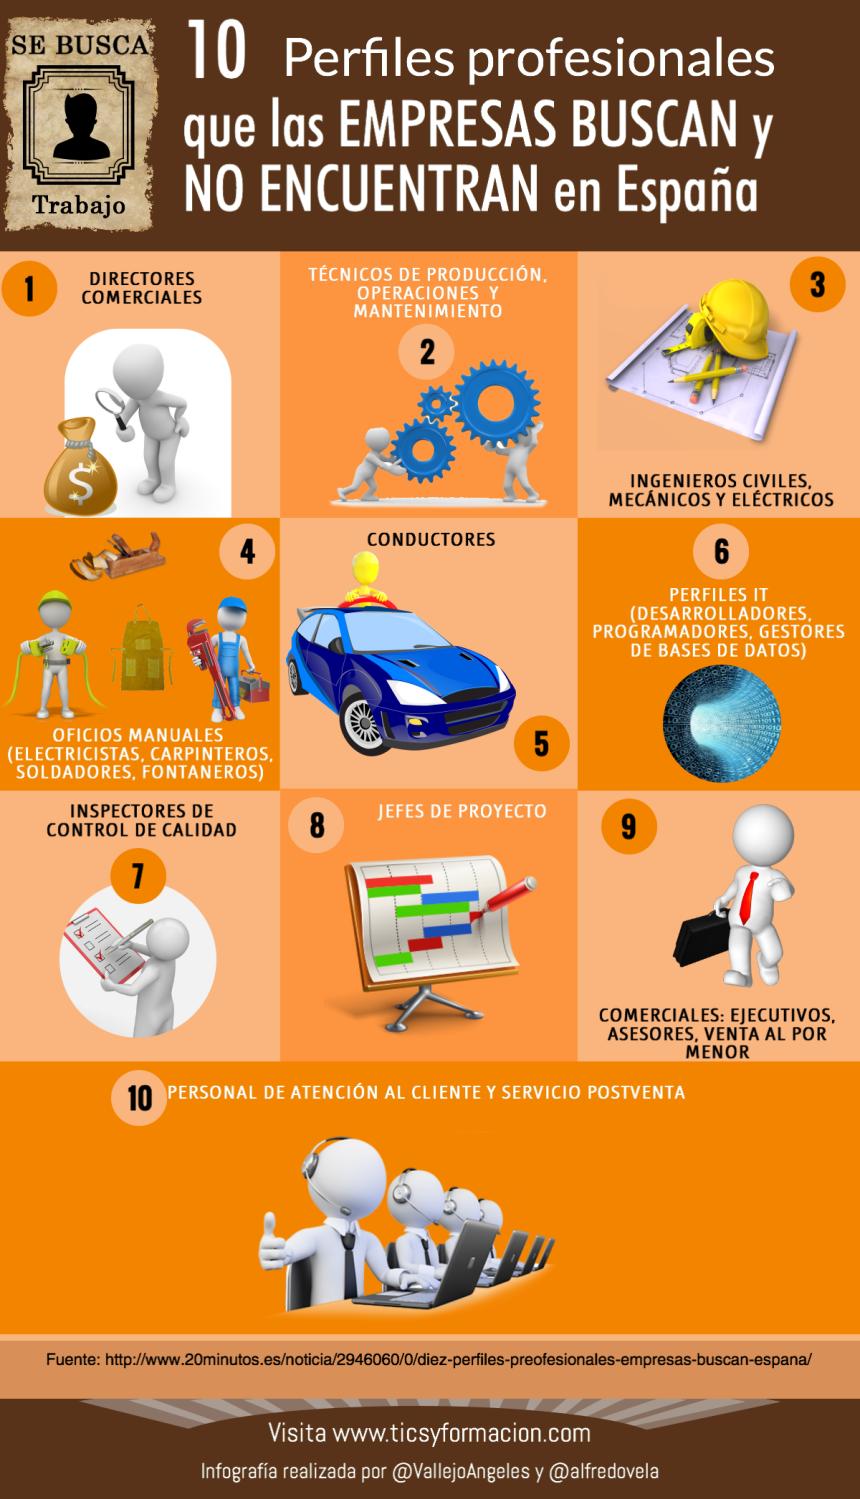 10 perfiles profesionales que las empresas buscan y no encuentran en España